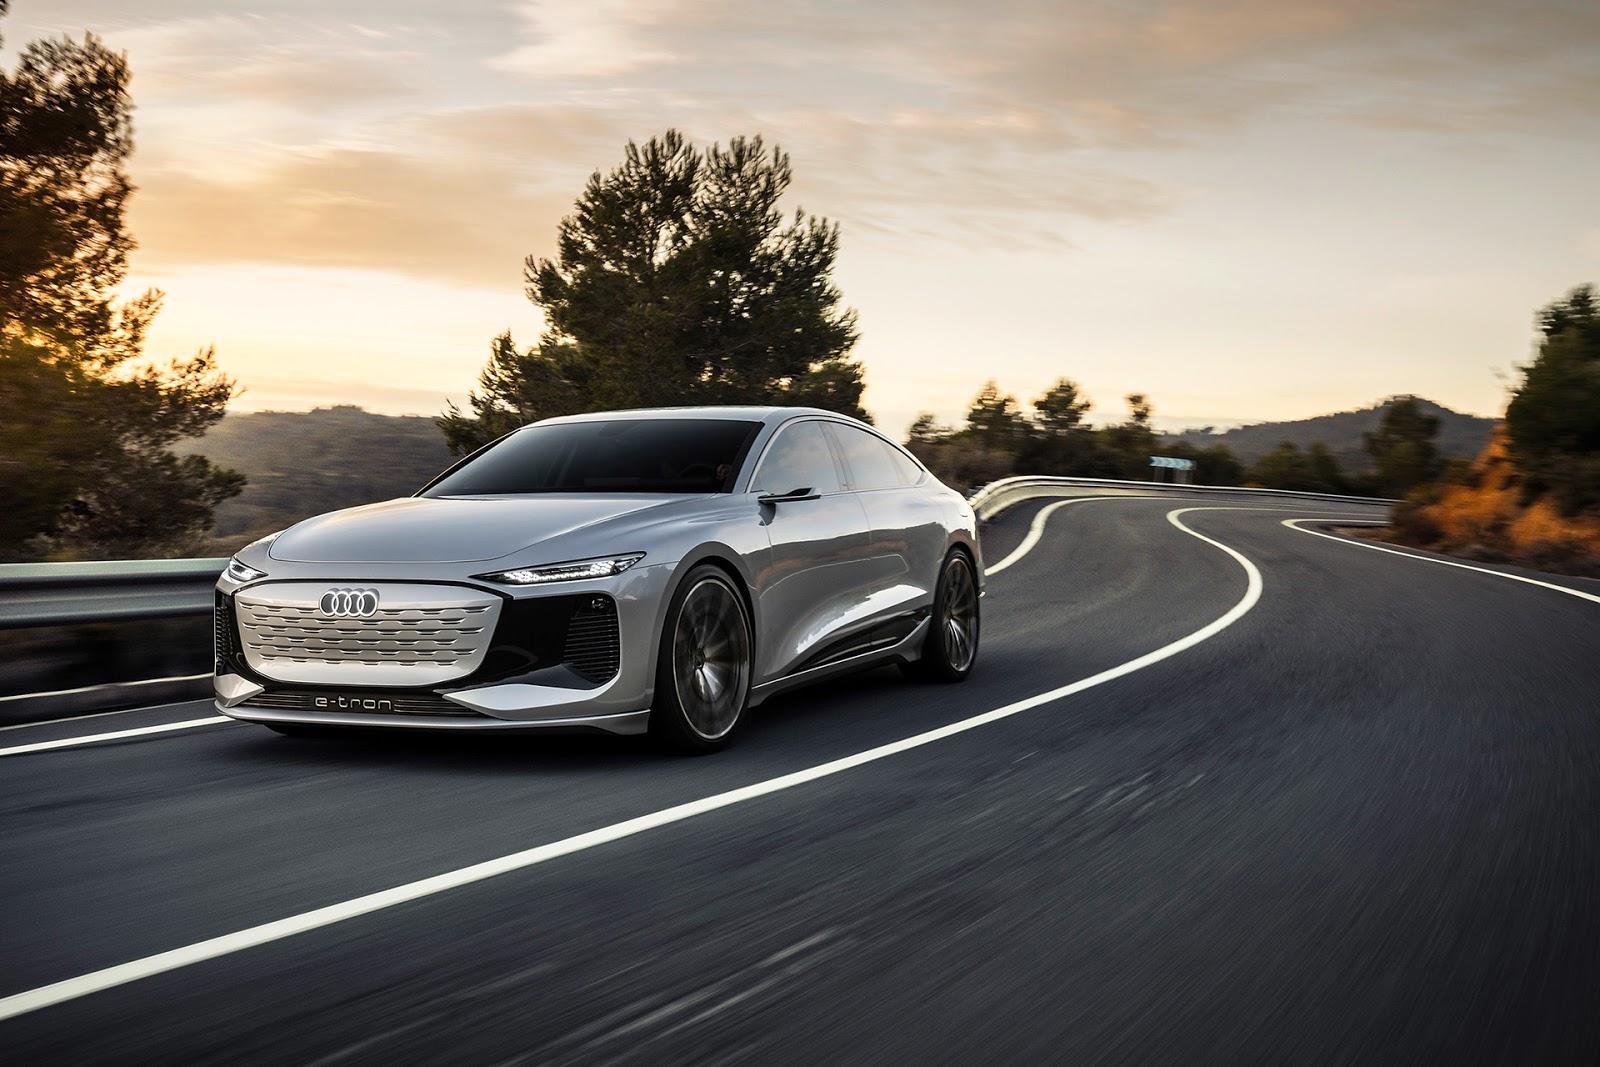 AUDI2BA62BE TRON2BCONCEPT 5 1 Audi A6 e-tron concept : η επόμενη ηλεκτρική επανάσταση